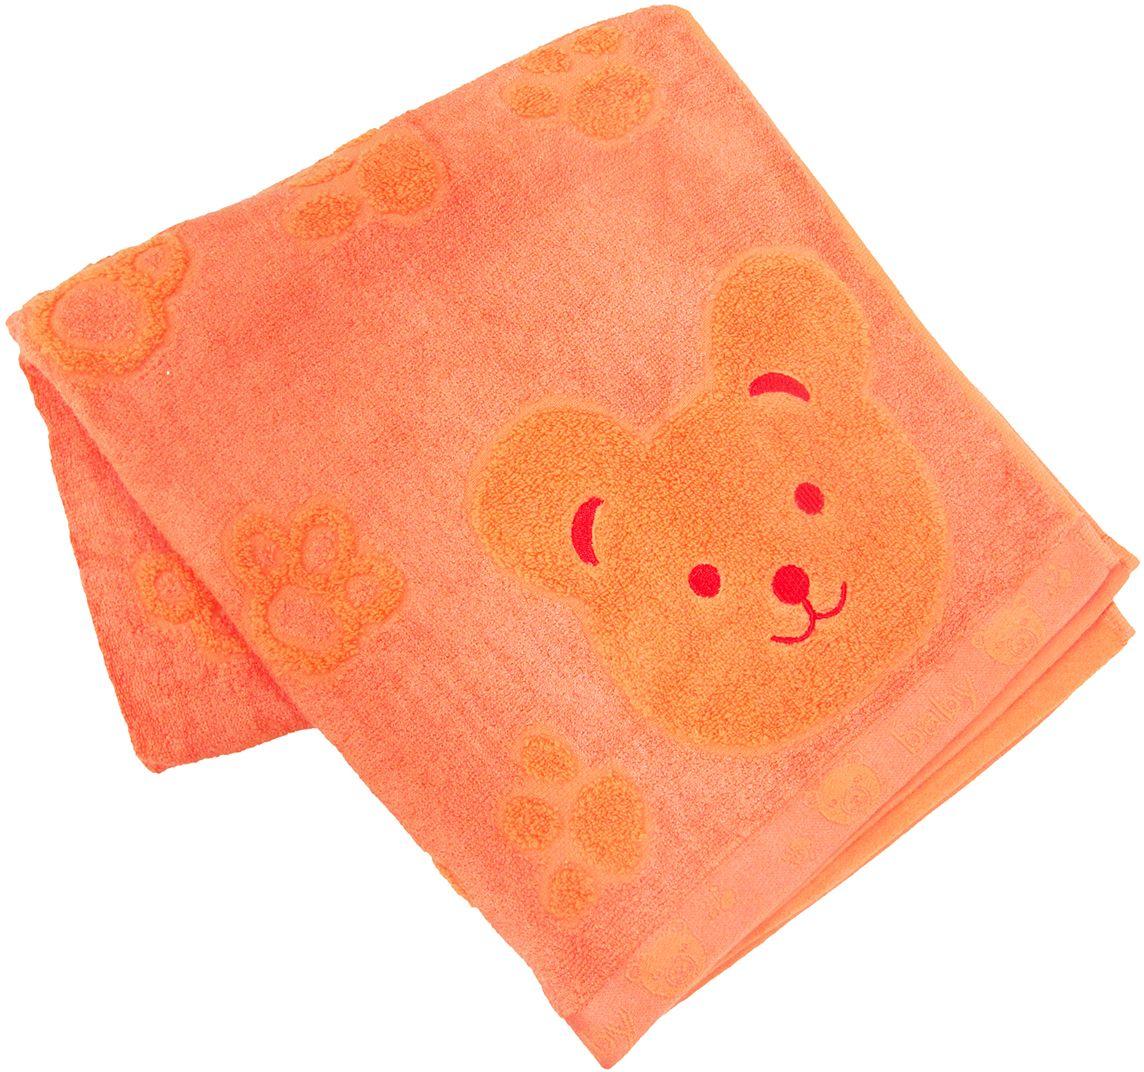 Полотенце махровое НВ Счастливый медведь, цвет: оранжевый, 60 х 120 см. м0392_1384596